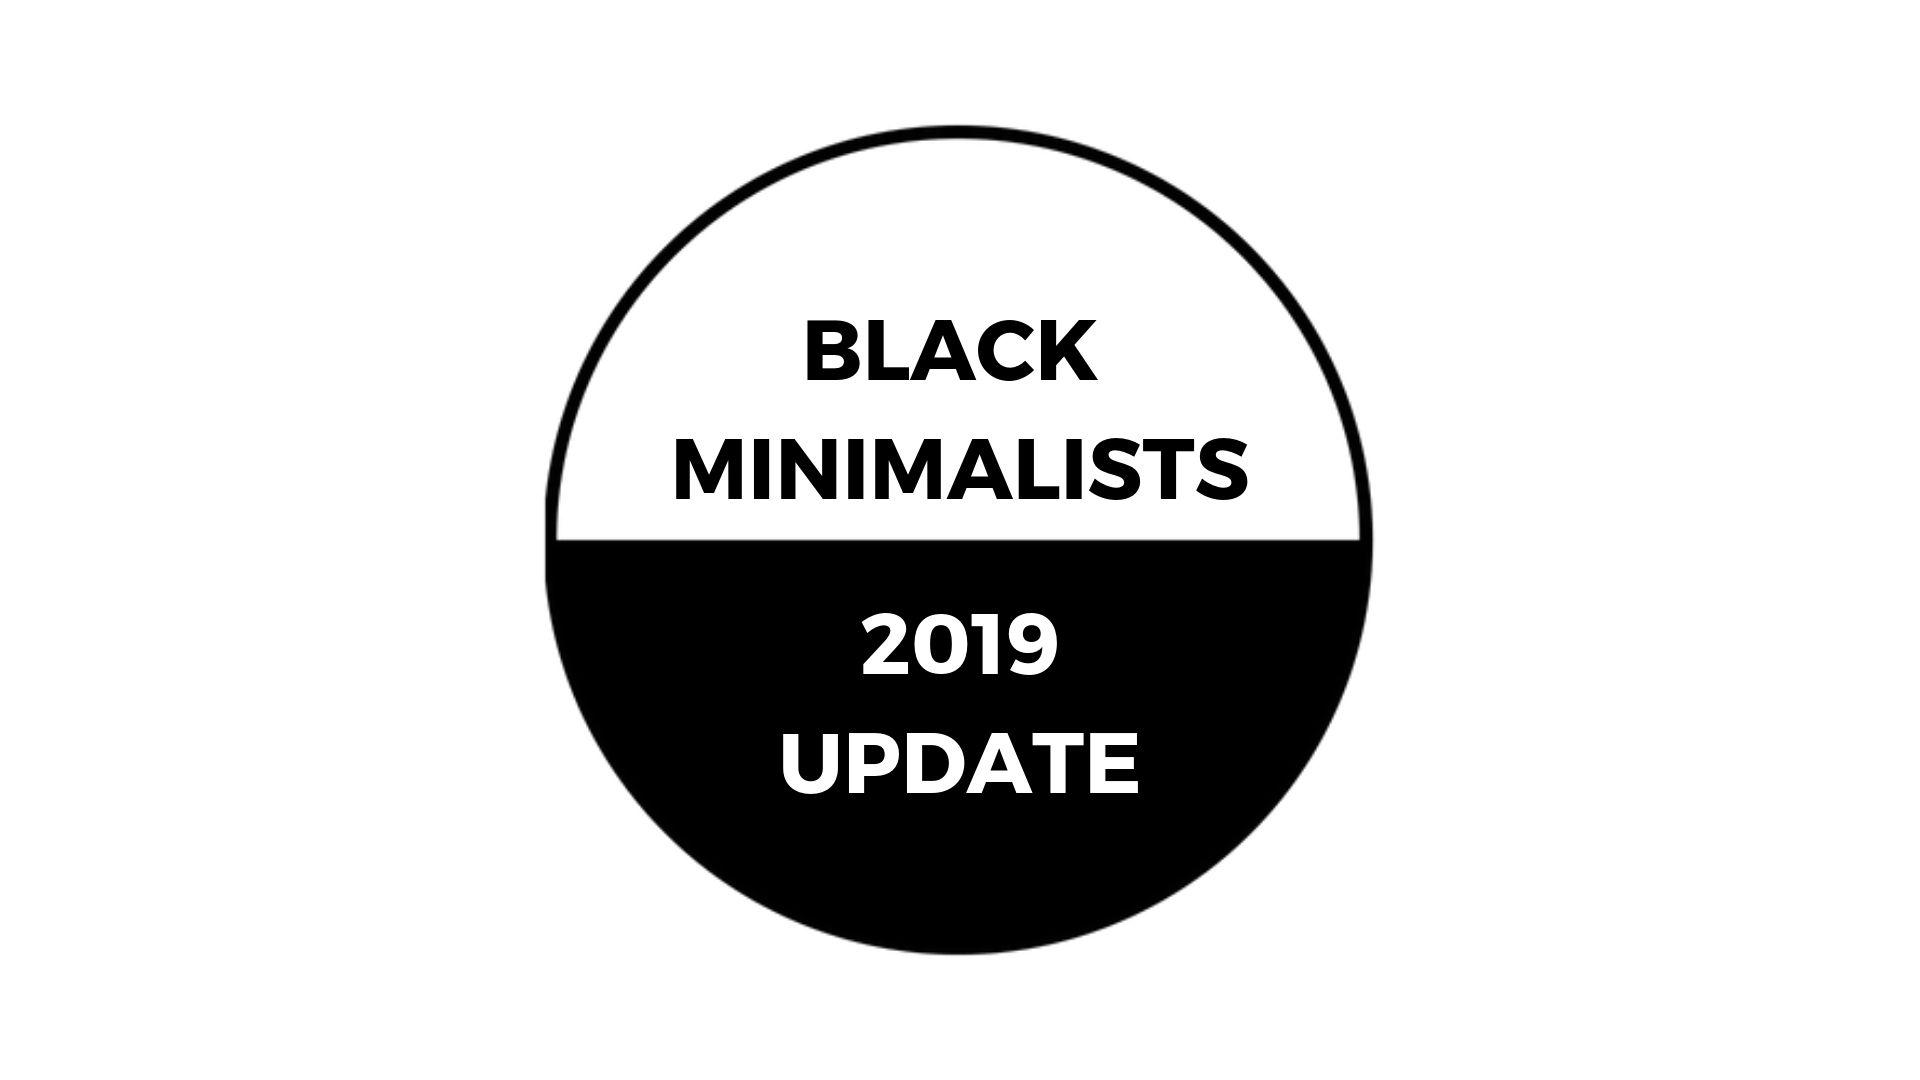 BM 2019 UpdATe.jpg